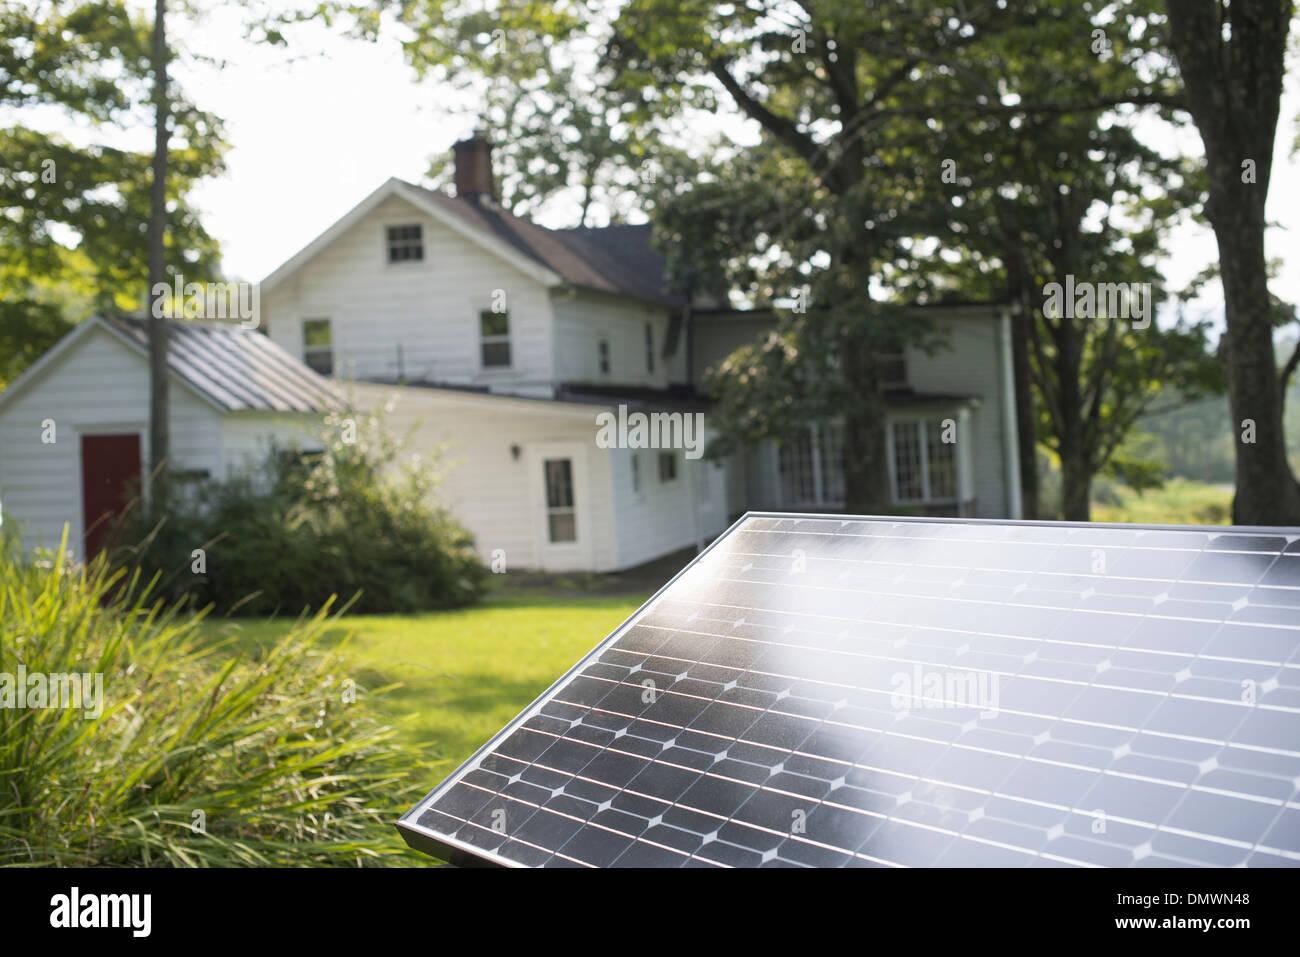 Un panel solar en una alquería jardín. Imagen De Stock